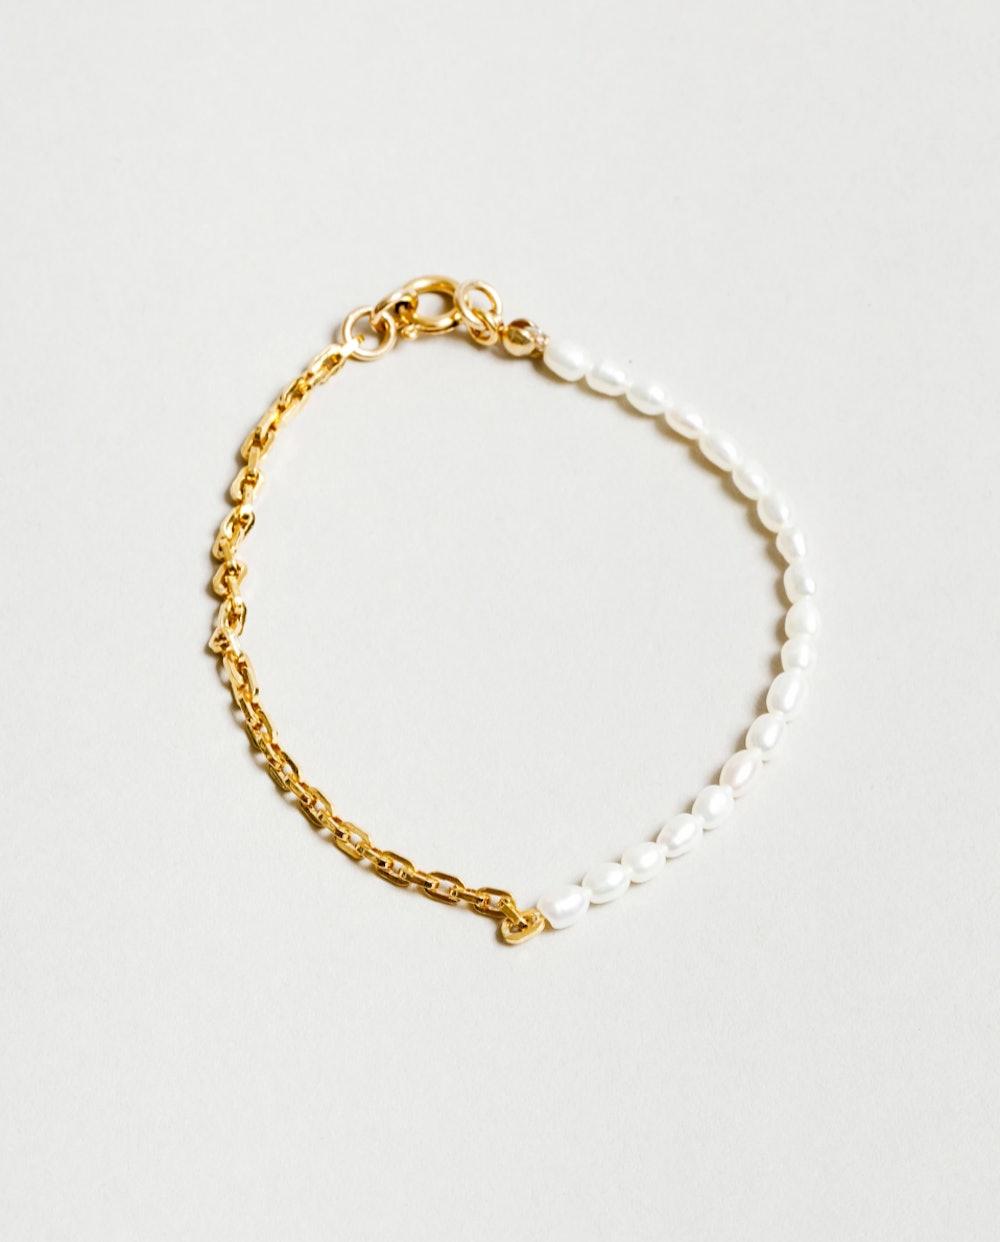 Effy Bracelet in Gold